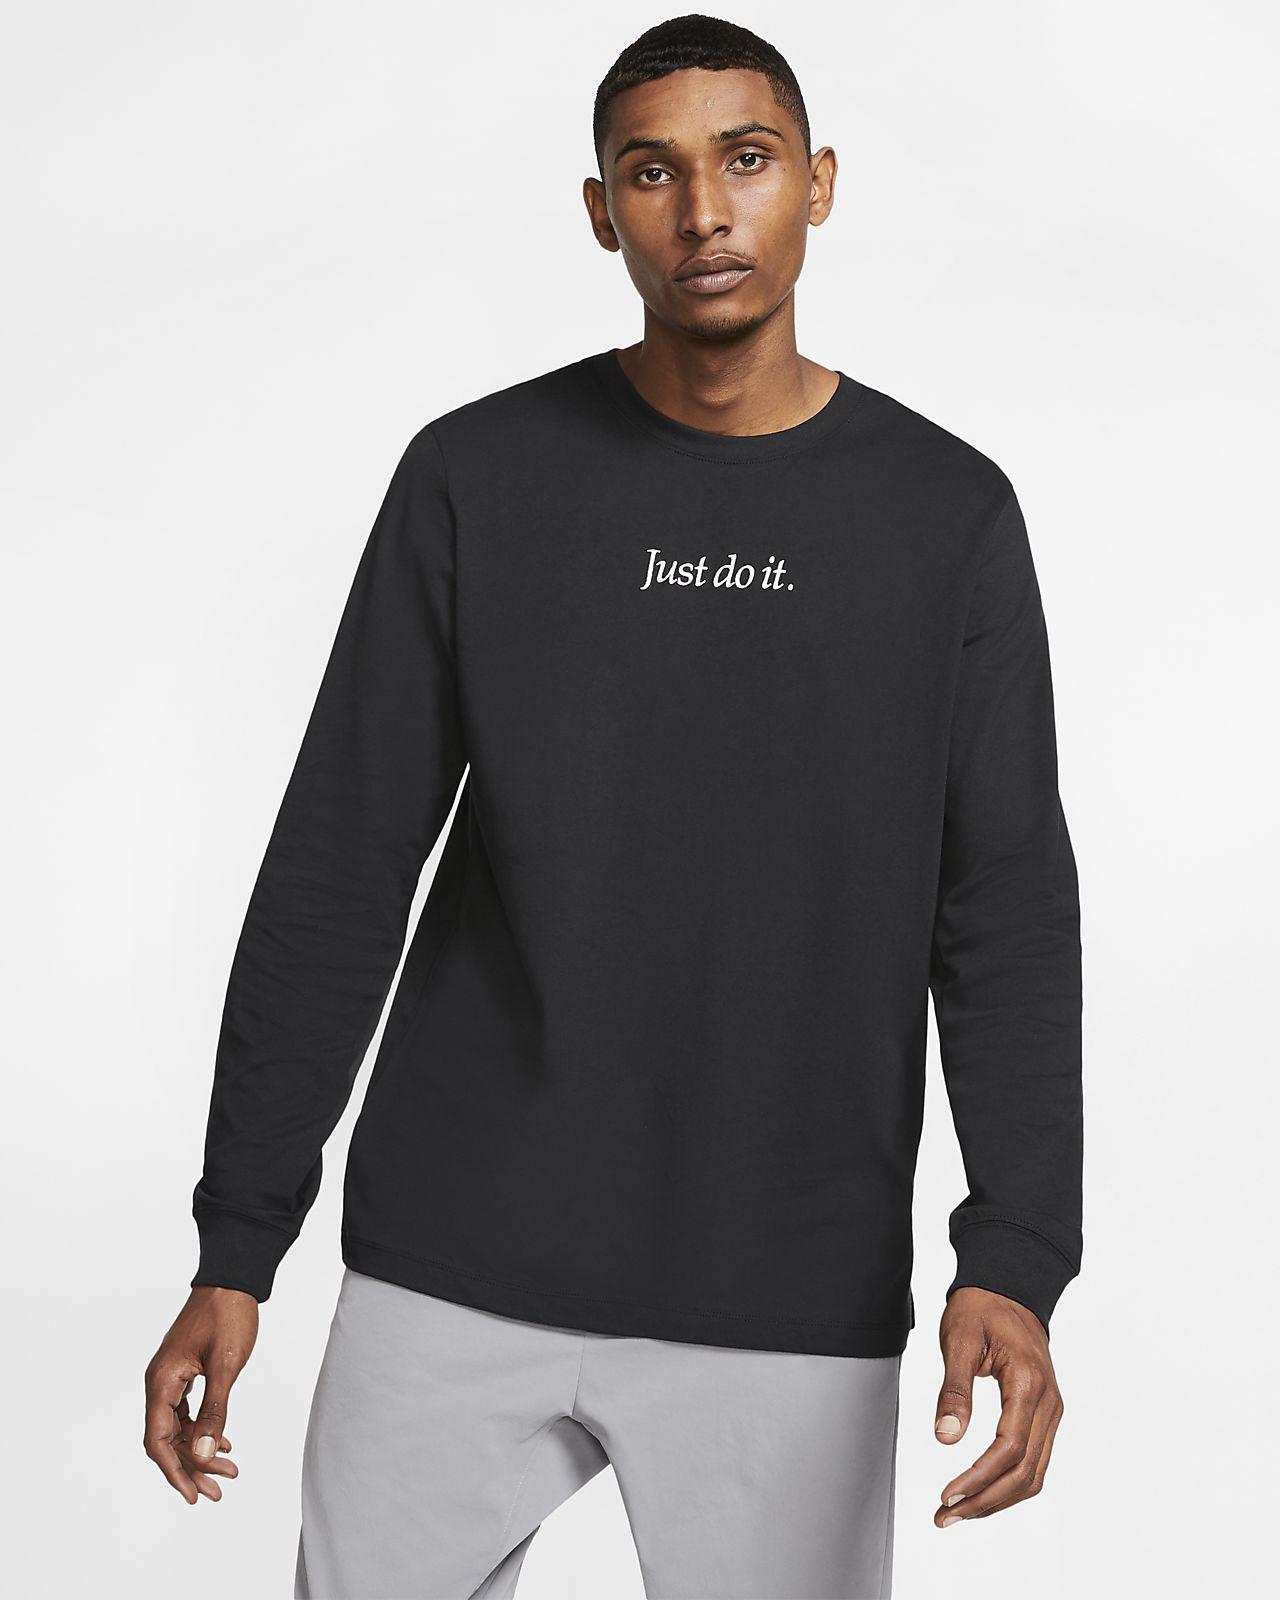 Nike Sportswear Men's JDI Long-Sleeve T-Shirt